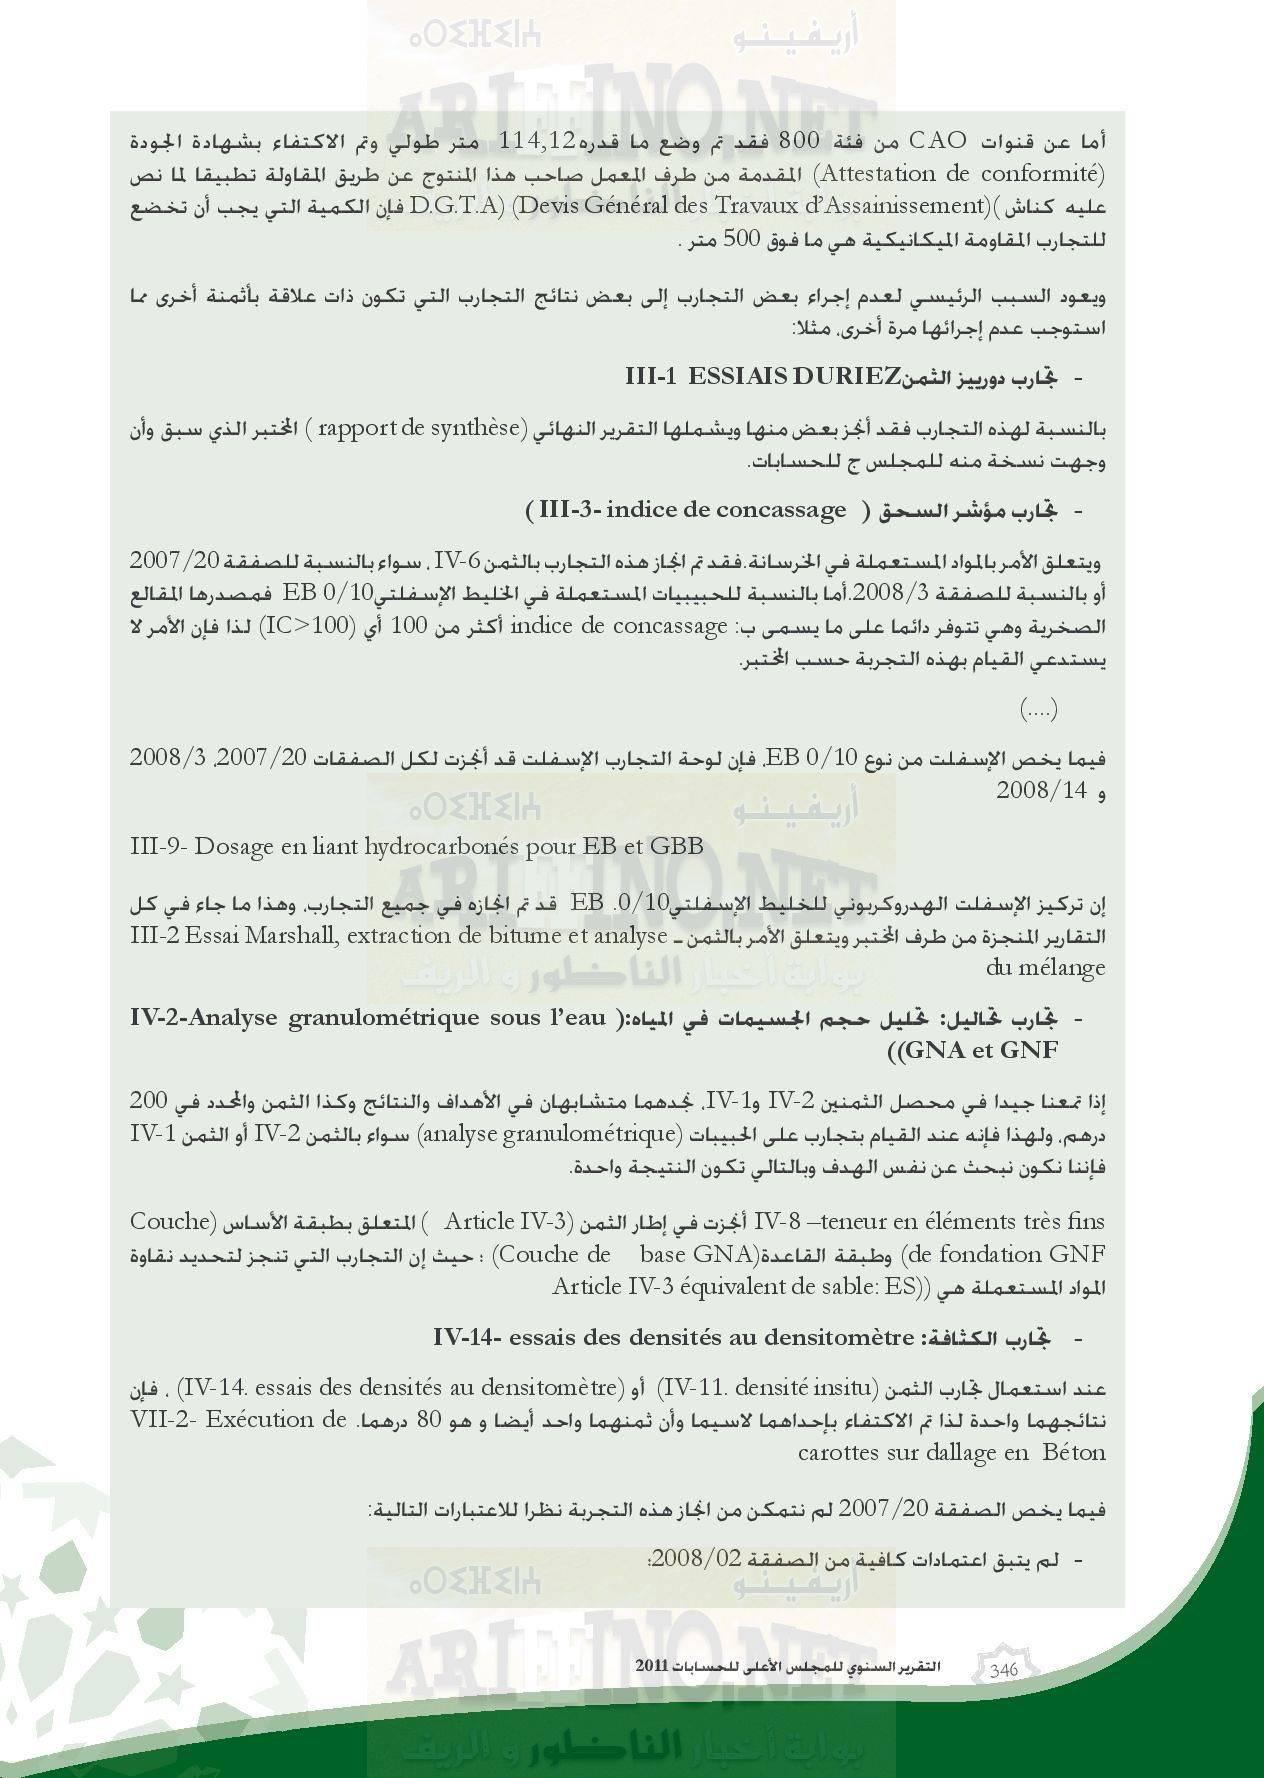 nador_0072 تقرير المجلس الاعلى للحسابات: بلدية الناظور تعيش إختلالات و عشوائية و عاجزة عن القيام بمهامها